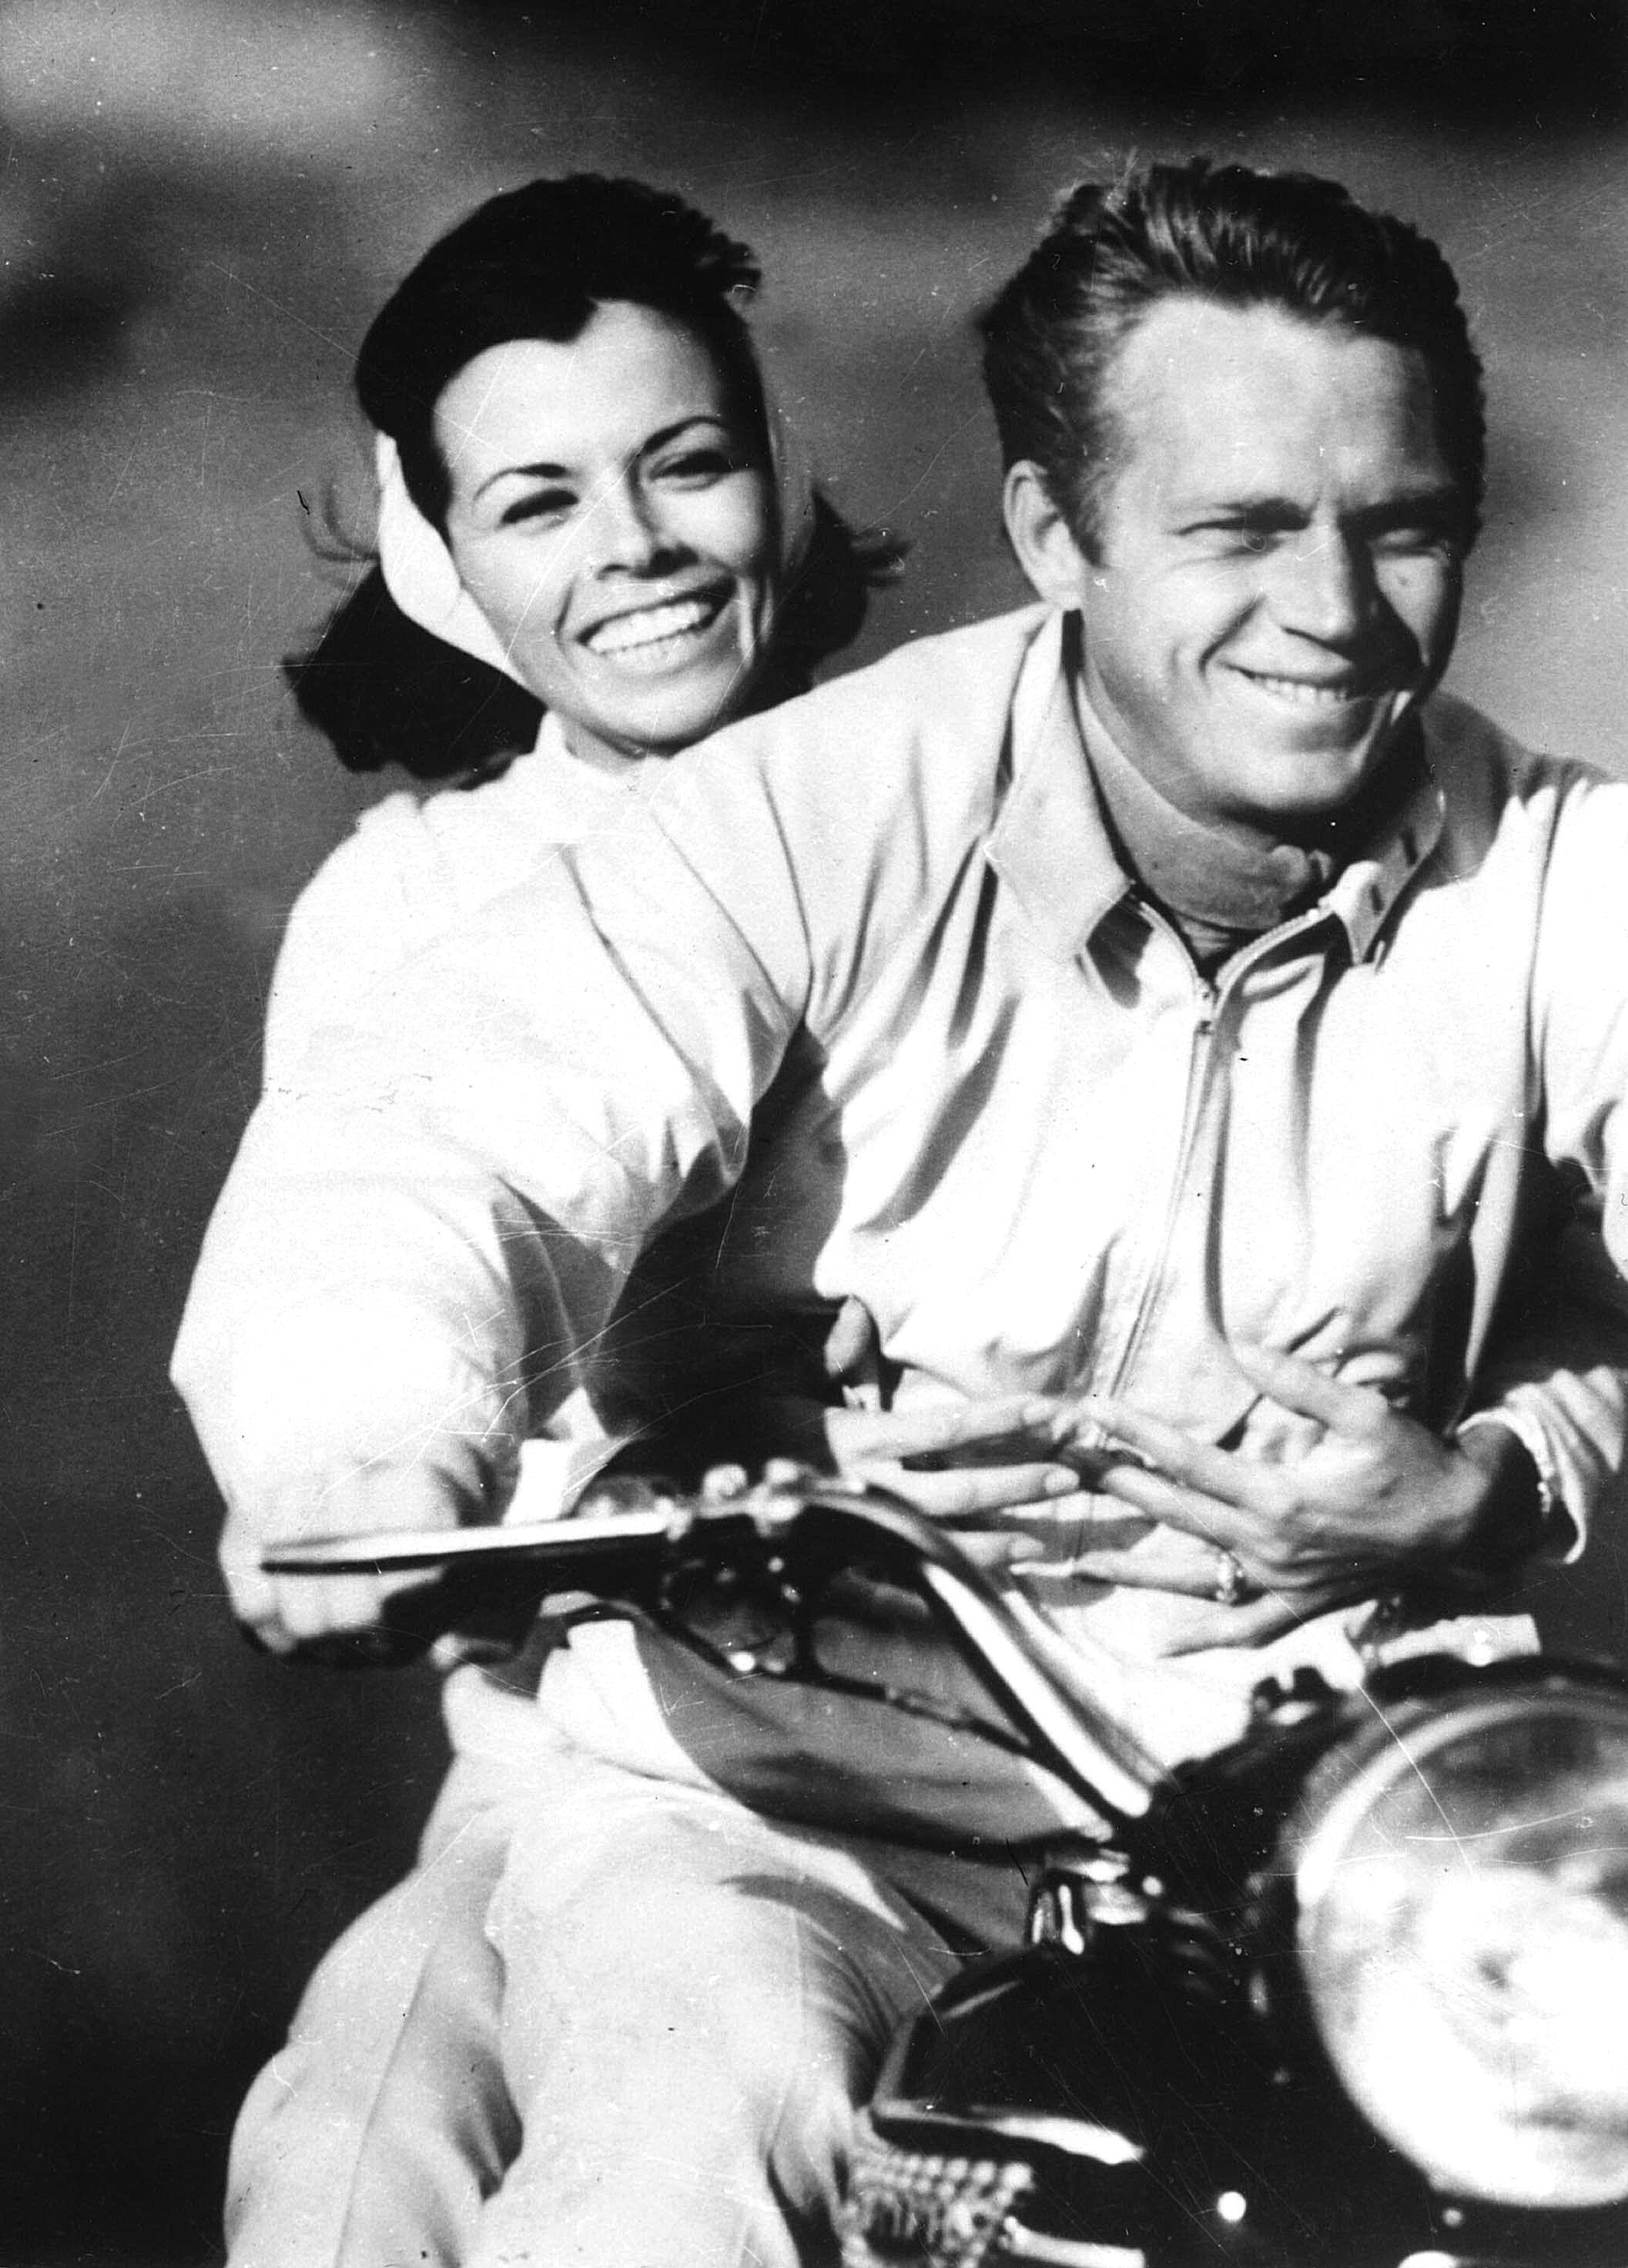 1966. Virée à moto pour l'acteur Américain Steve McQueen et son épouse Neile Adams . Passionné de moto, il disputera de nombreuses courses dans les années 60 avant d'être sélectionné par la fédération américaine pour faire partie du Team USA au championnat du monde d'enduro. Photo : archives Paris Match